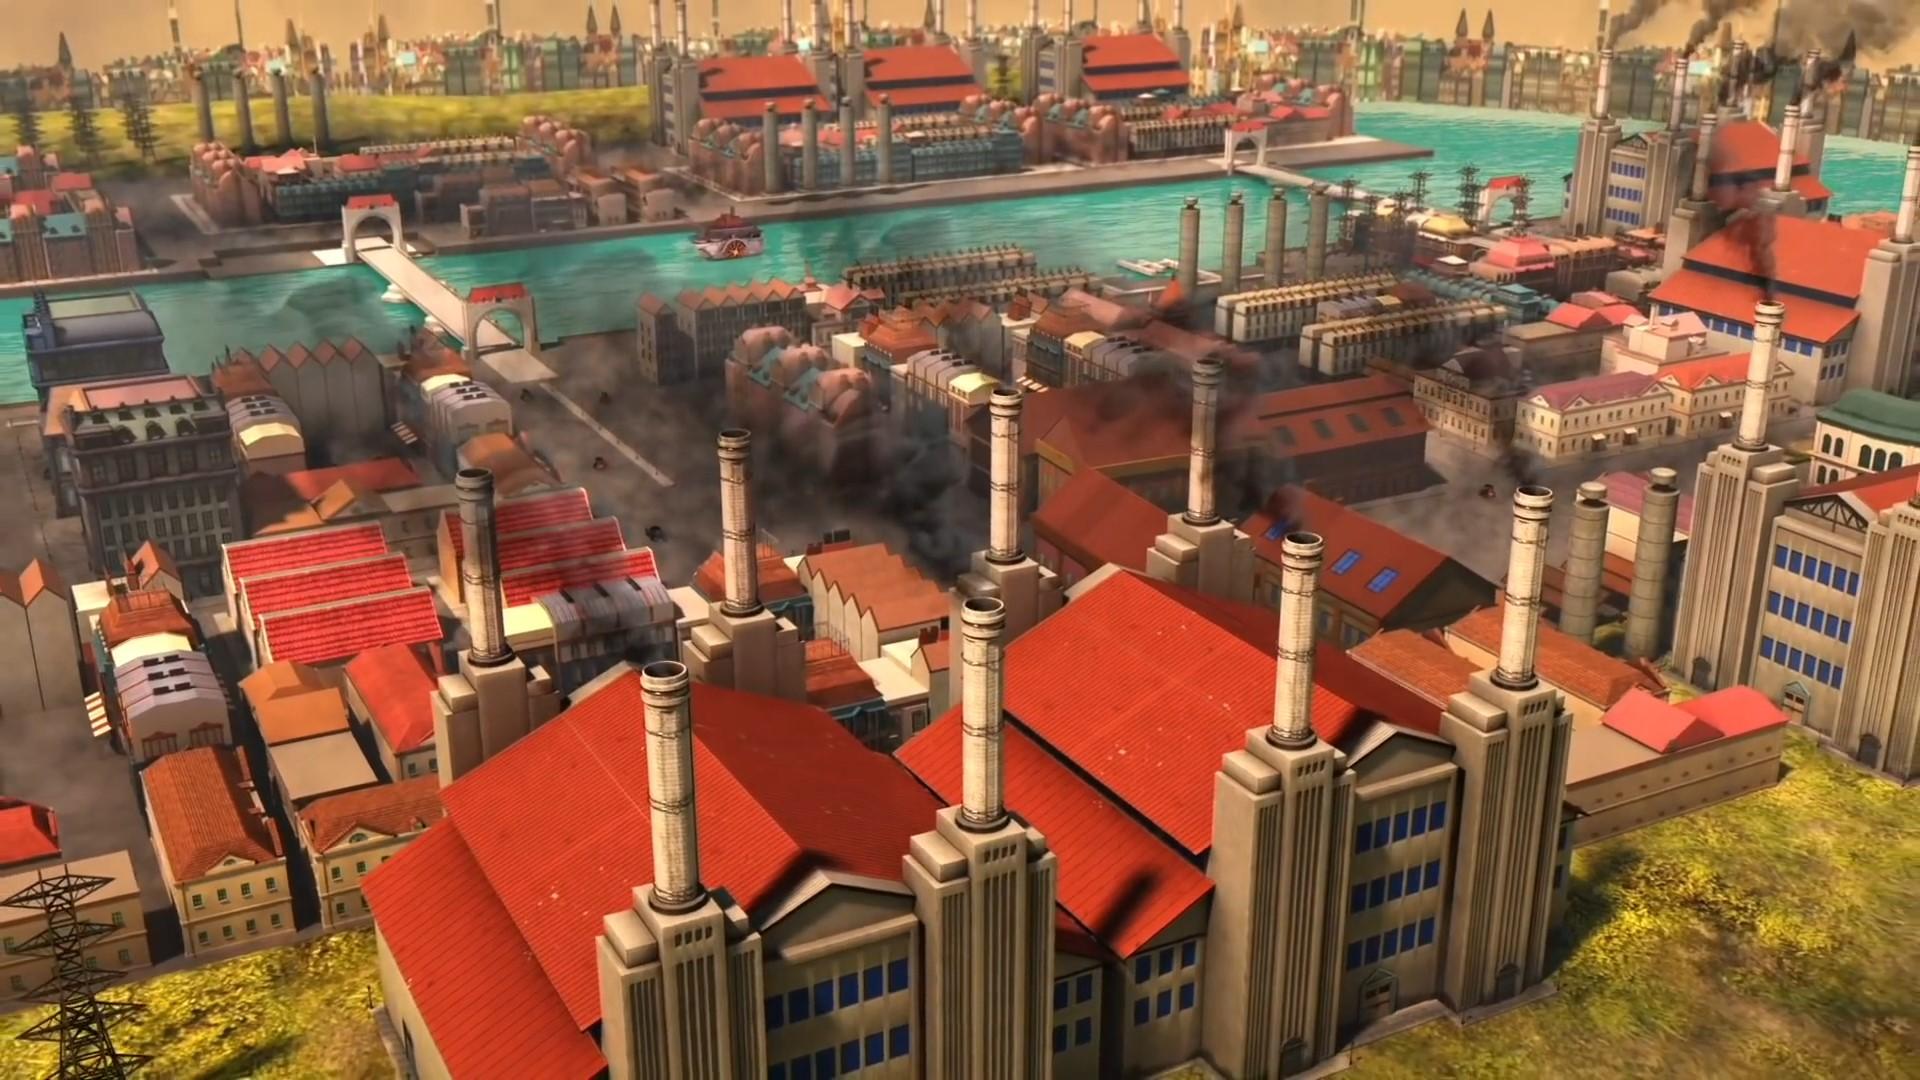 Gambar Kota Steamburg 2